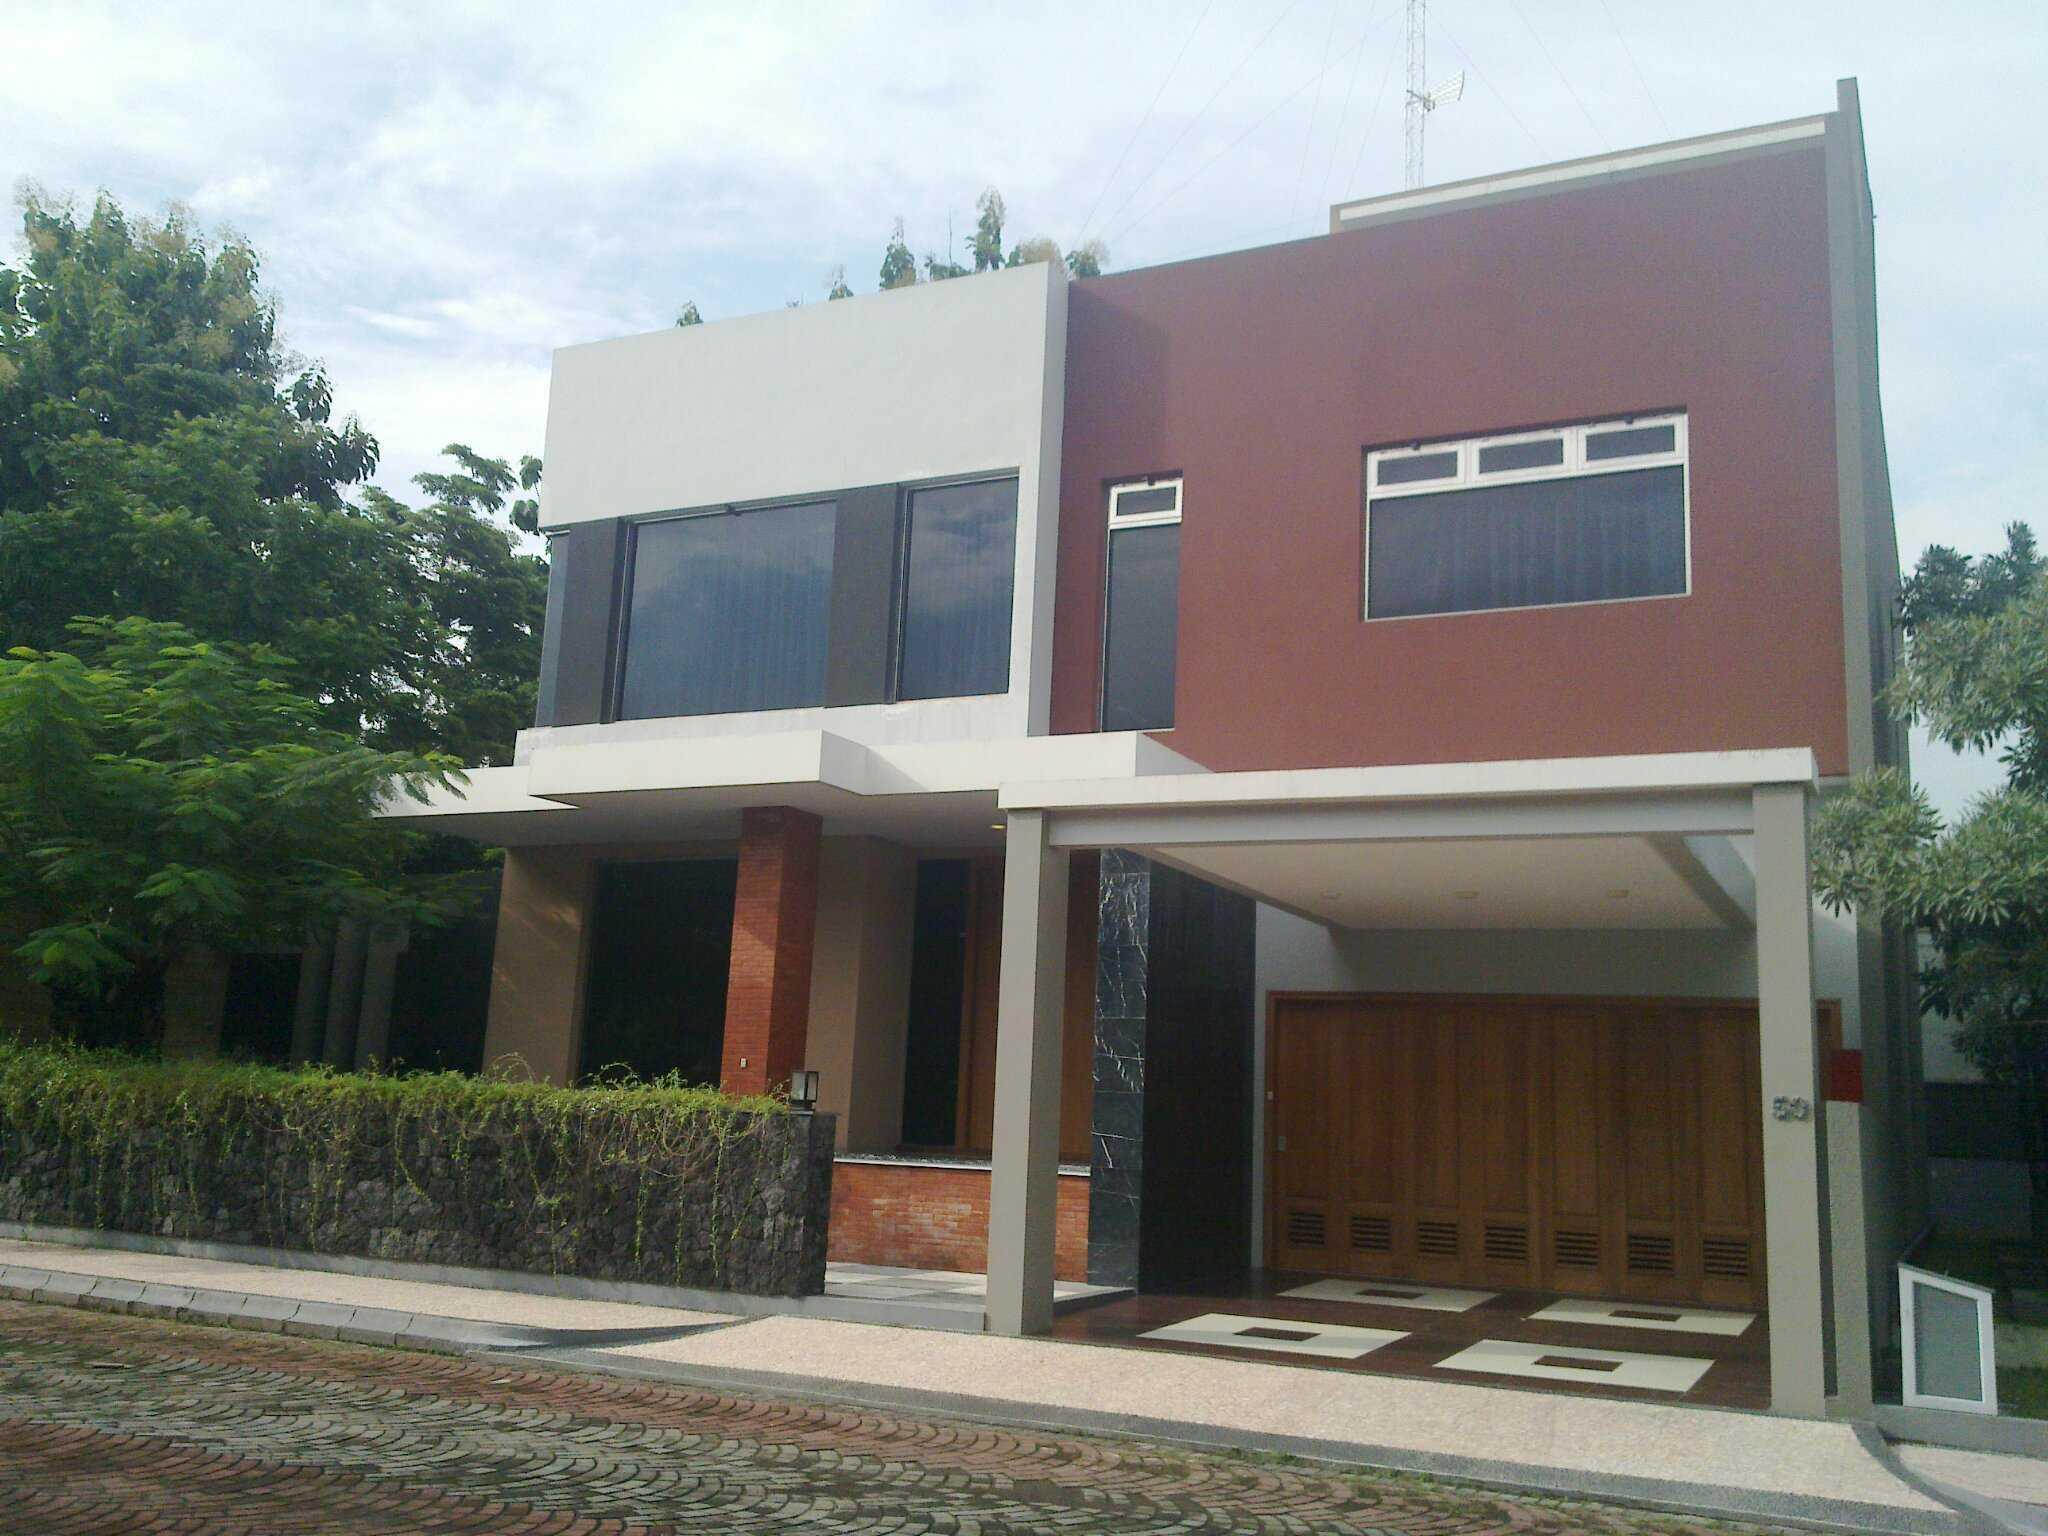 Photo Front View Rumah Kotak M 50 26 Desain Arsitek Oleh ...